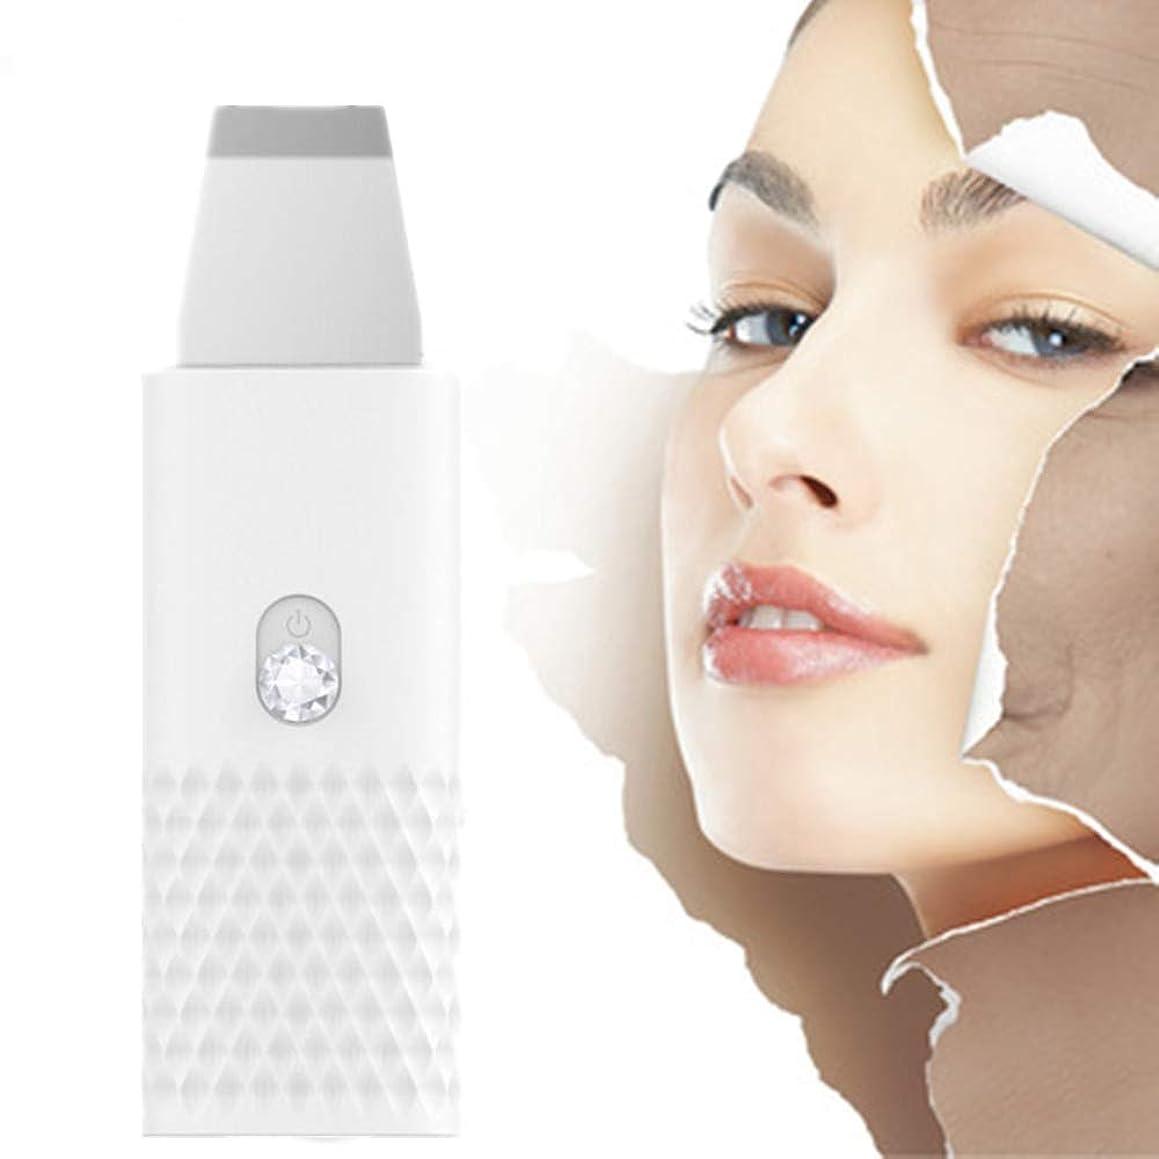 ブラウズ脱走チケットツールクレンザー古い角質除去ホワイトピーリング顔の皮膚のスクラバーブラックヘッドリムーバー毛穴クリーナー電気EMS導入モードUSB充電女性のスキンマッサージスクラバー?フェイシャルリフティング